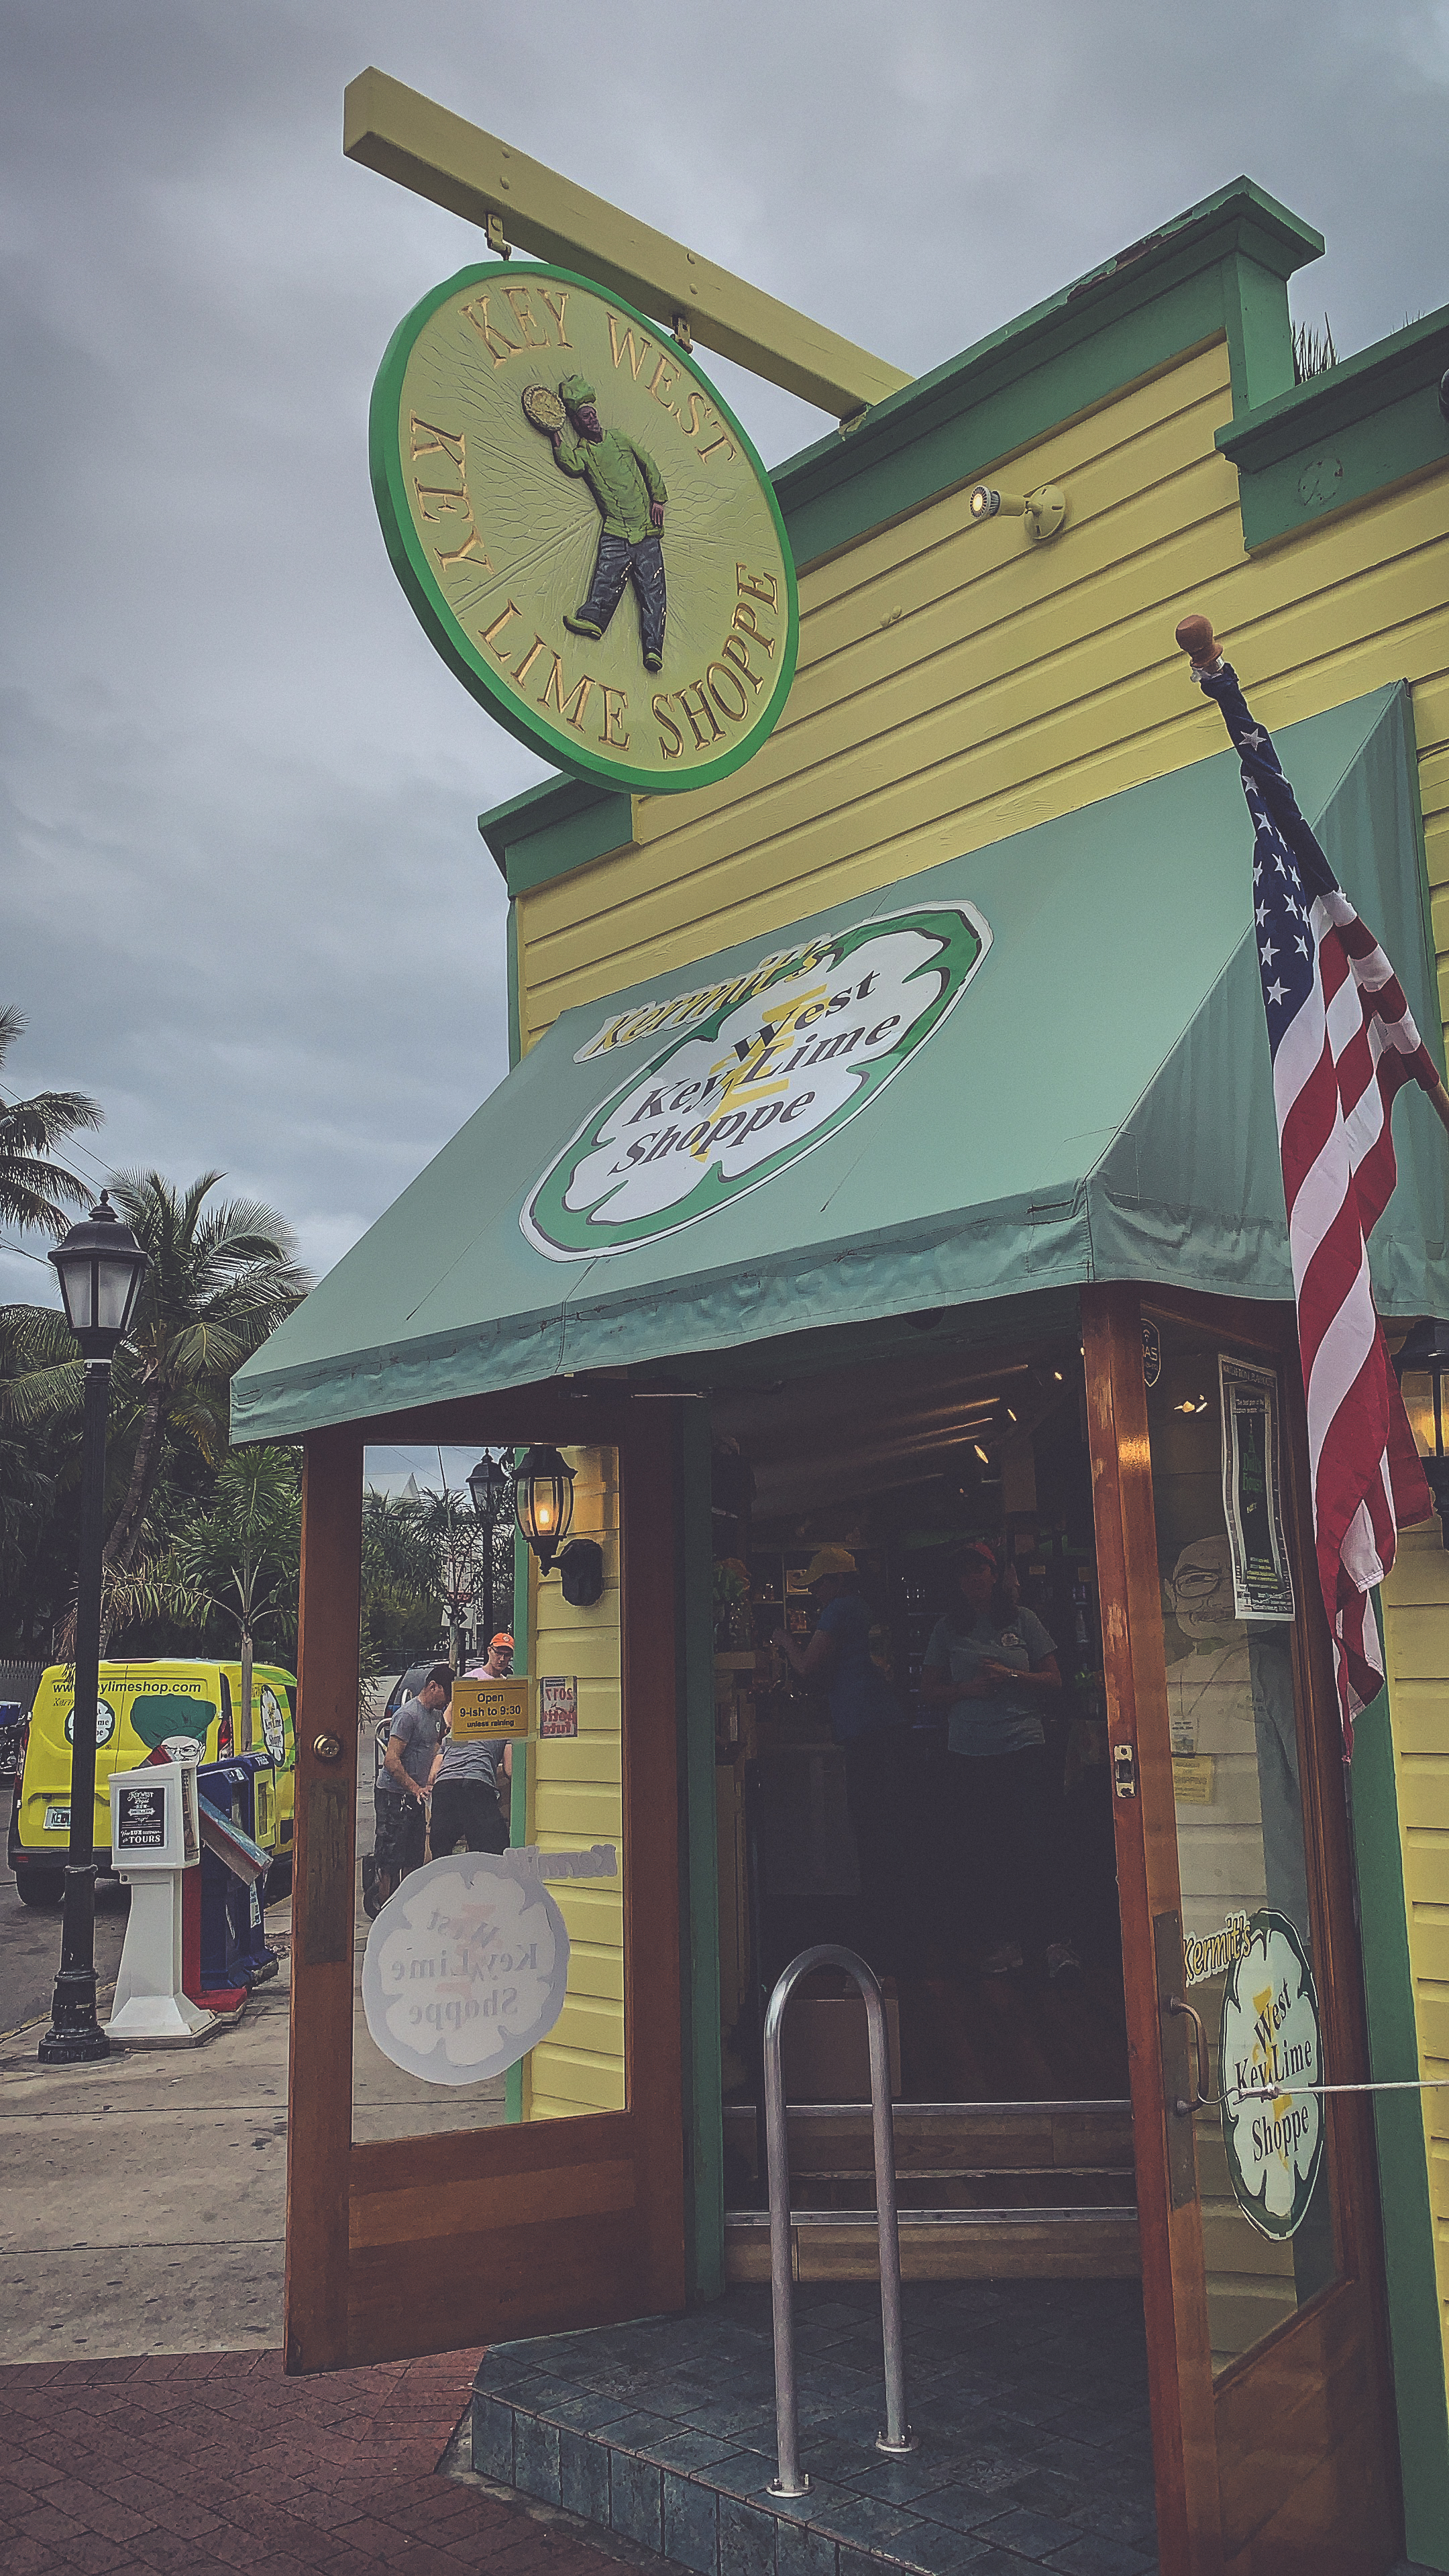 Kermit's Cafe Kitchen & Key Lime Shoppe